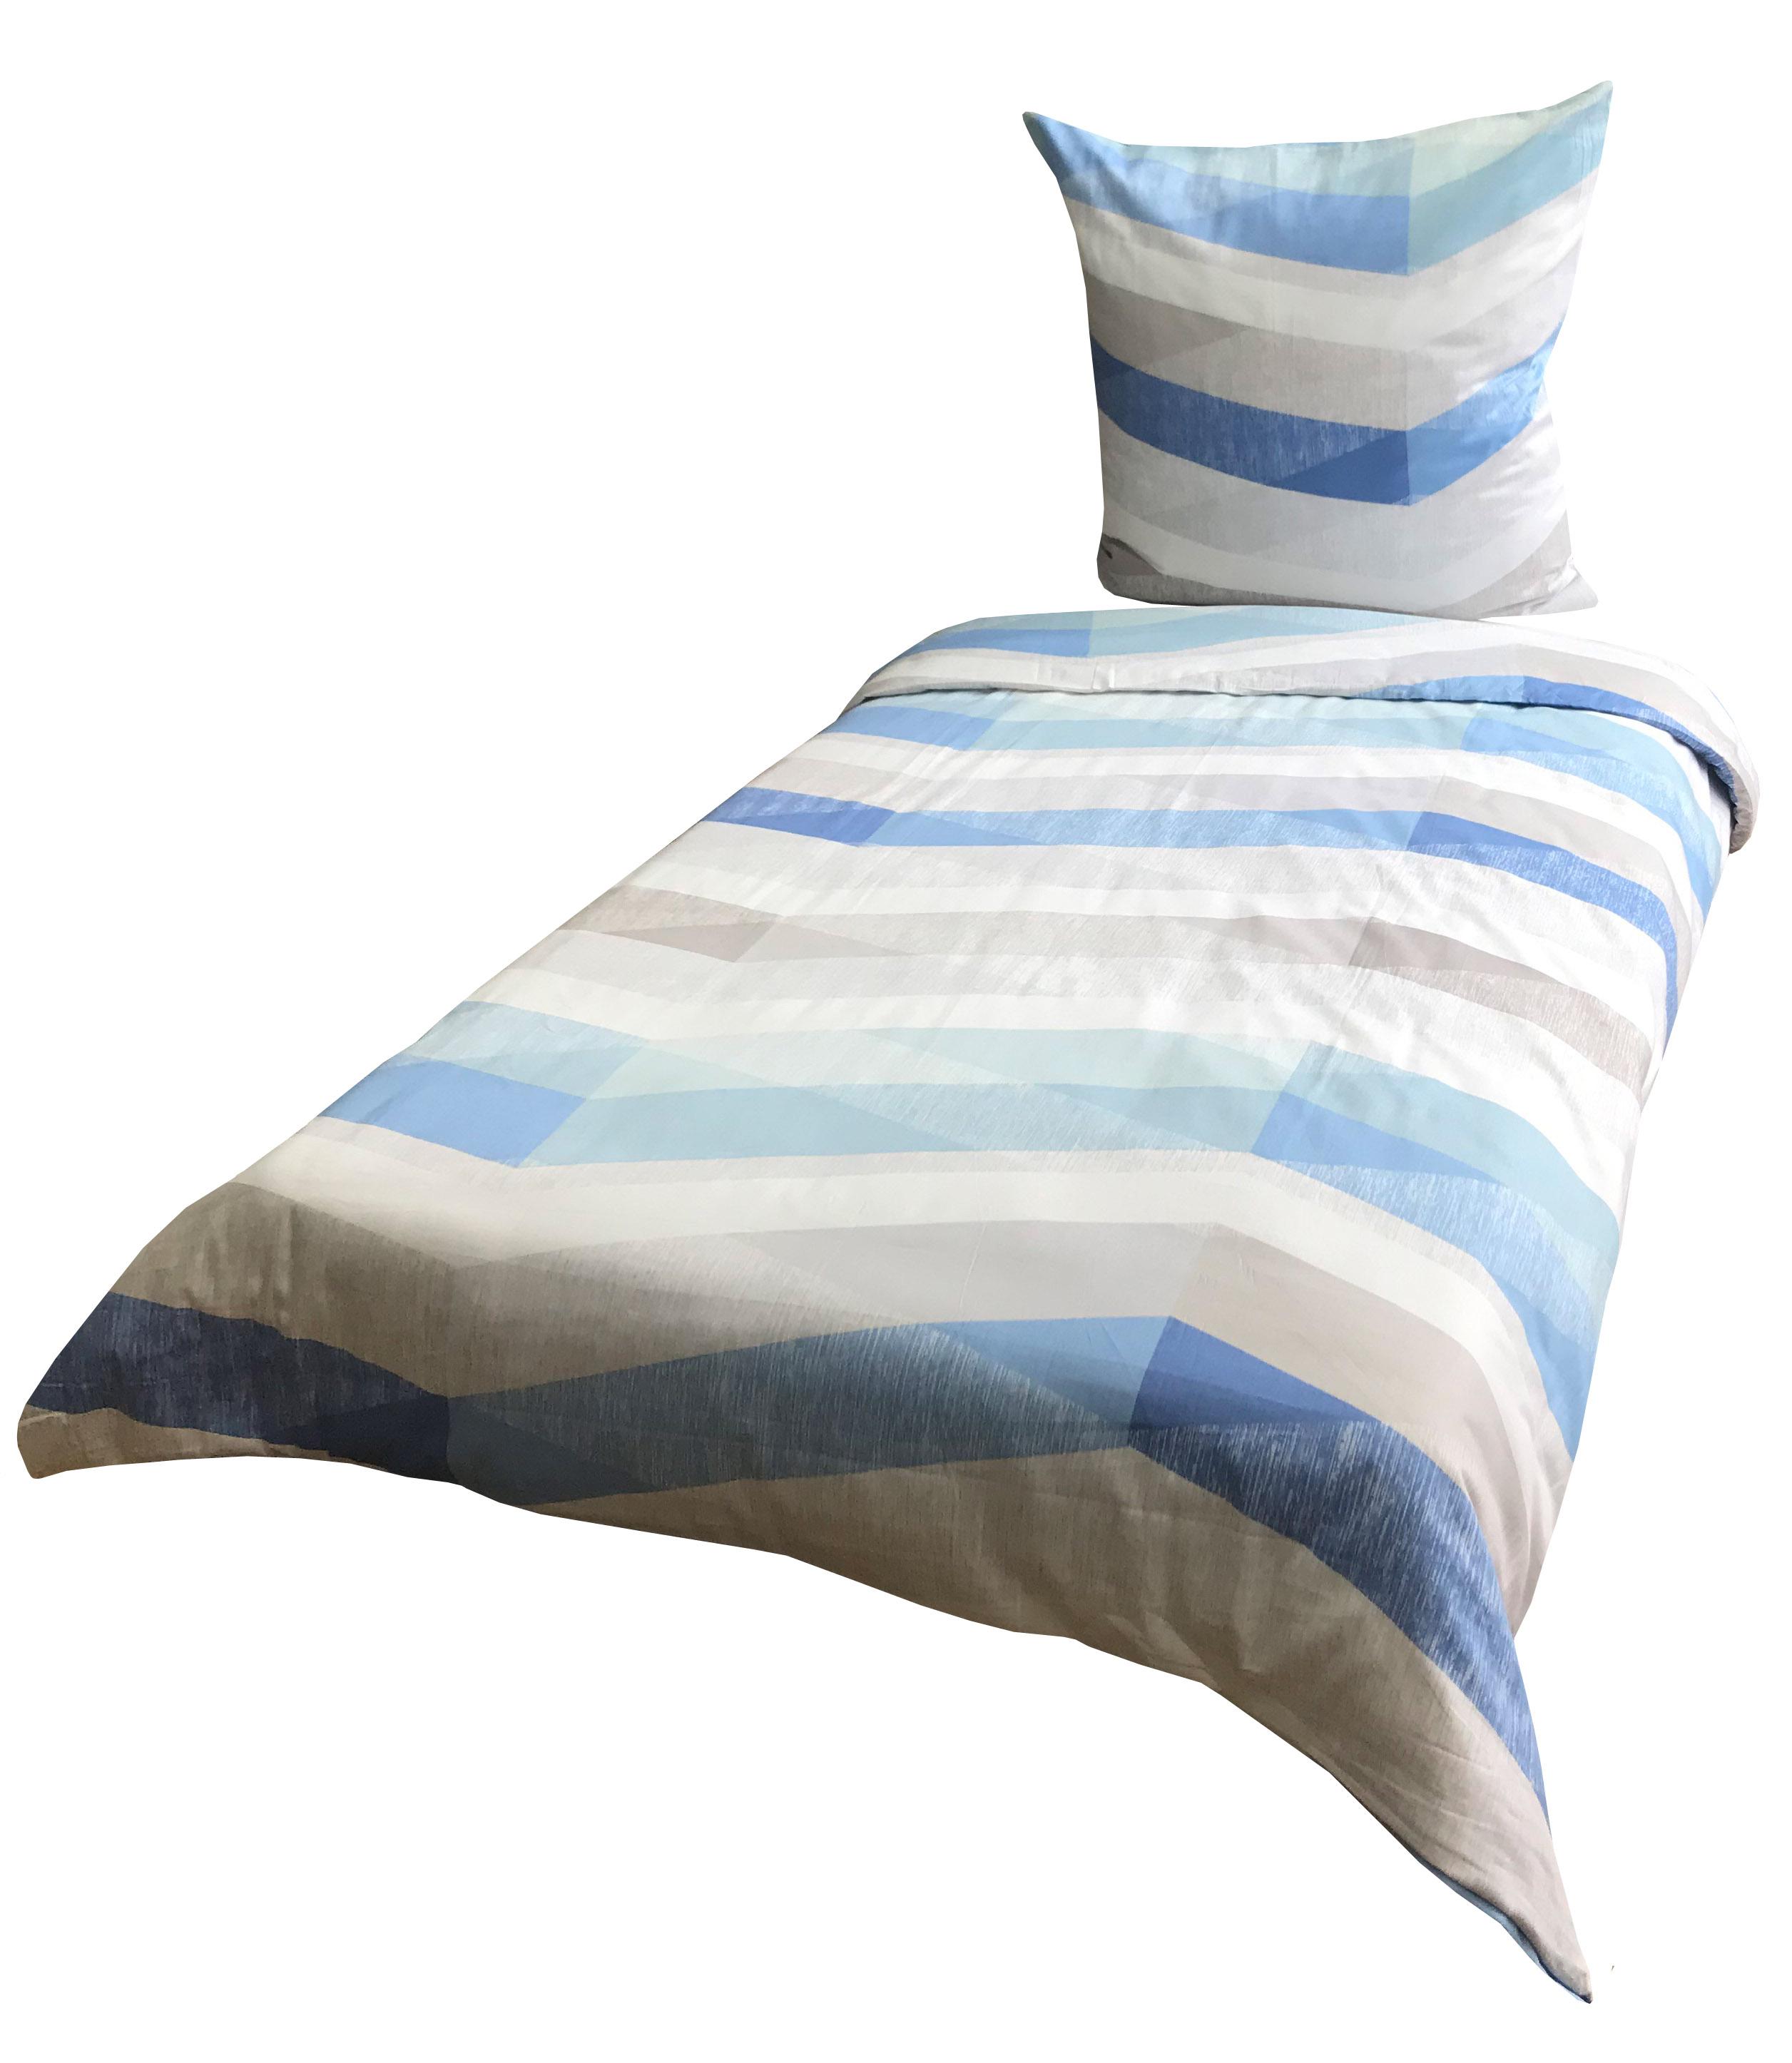 Baumwolle Satin Bettwäsche 135x200 cm grau blau Streifen mit Reißverschluss